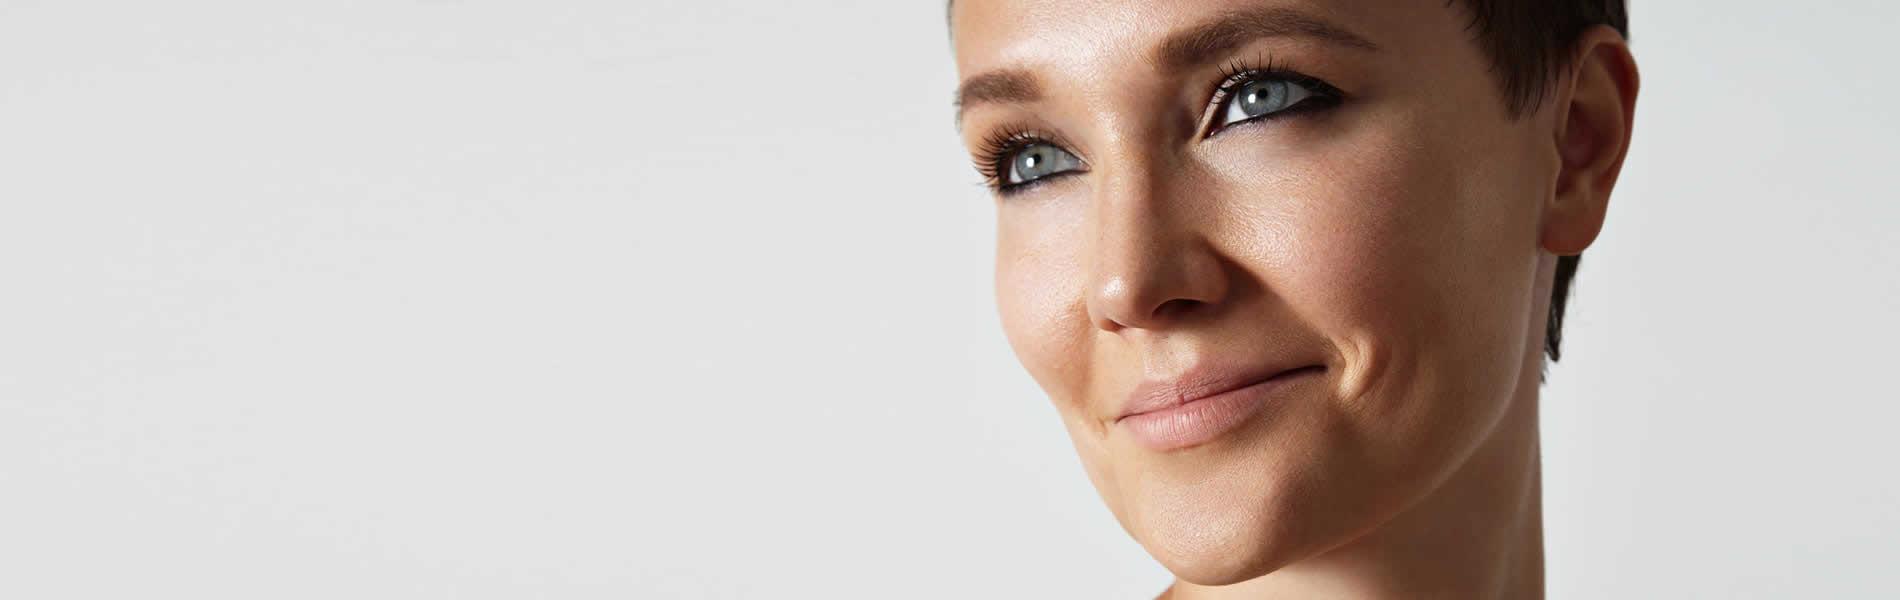 femme souriante santé - docteur deflaux